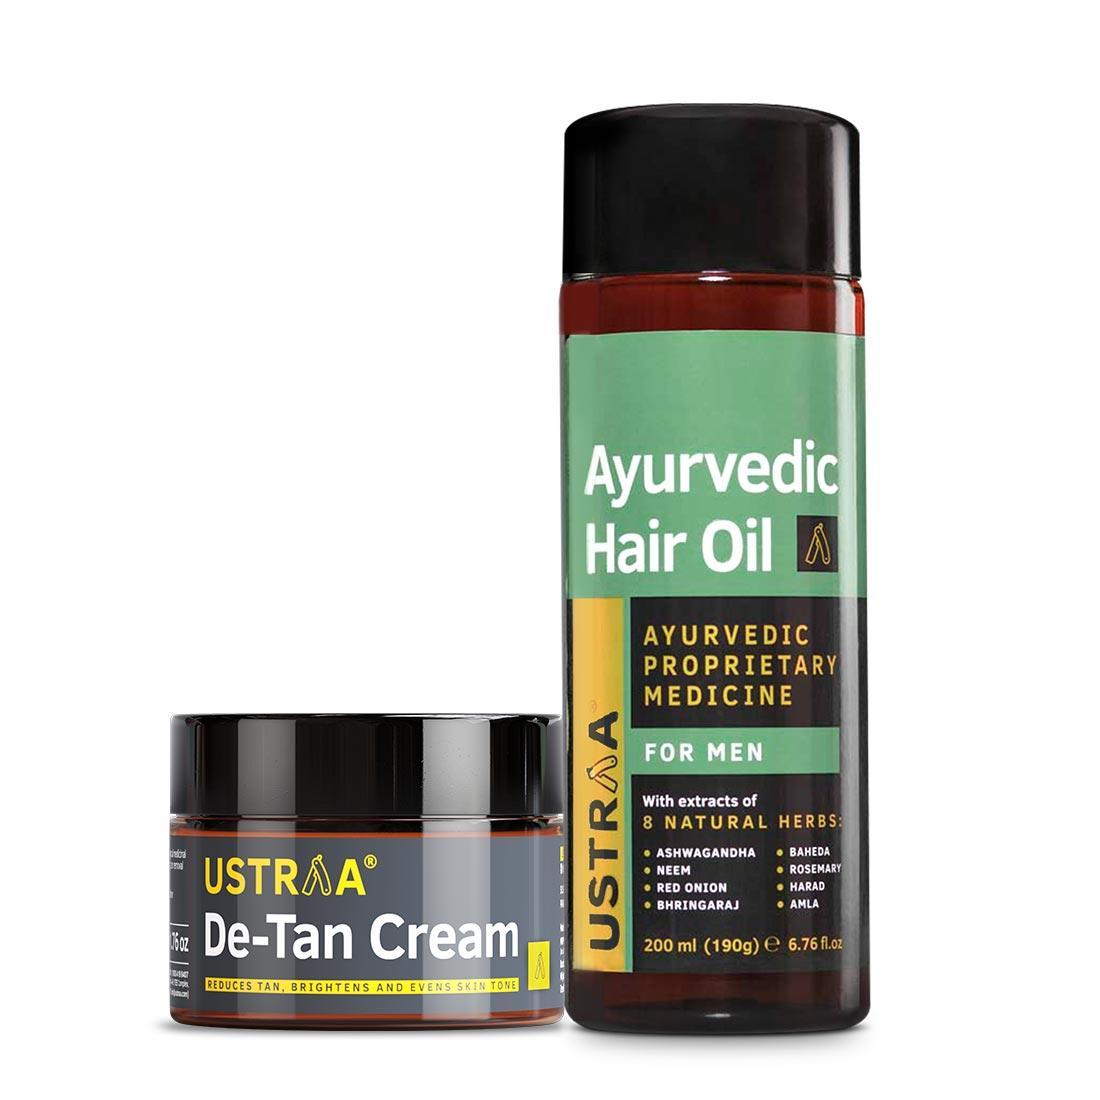 Ayurvedic Hair Oil & De-Tan Cream